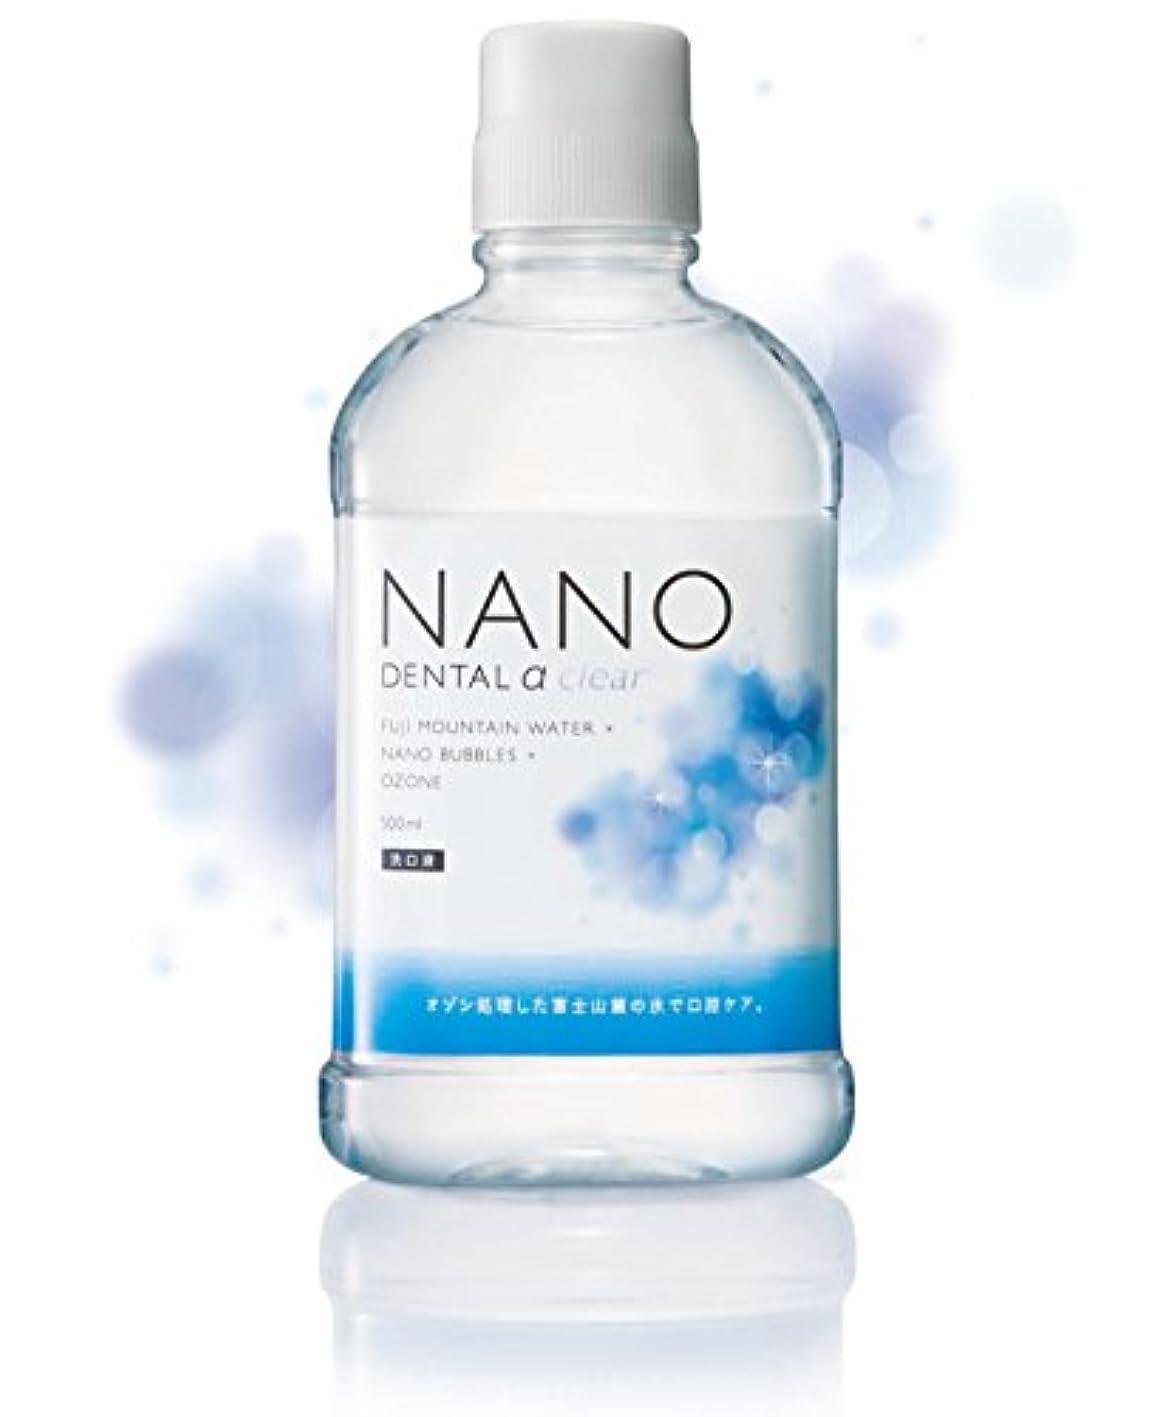 ポジションエピソード徴収無添加! ナノデンタルアルファ クリア NANODENTALα Clear 500mL オゾンナノバブルで歯周病?口臭予防